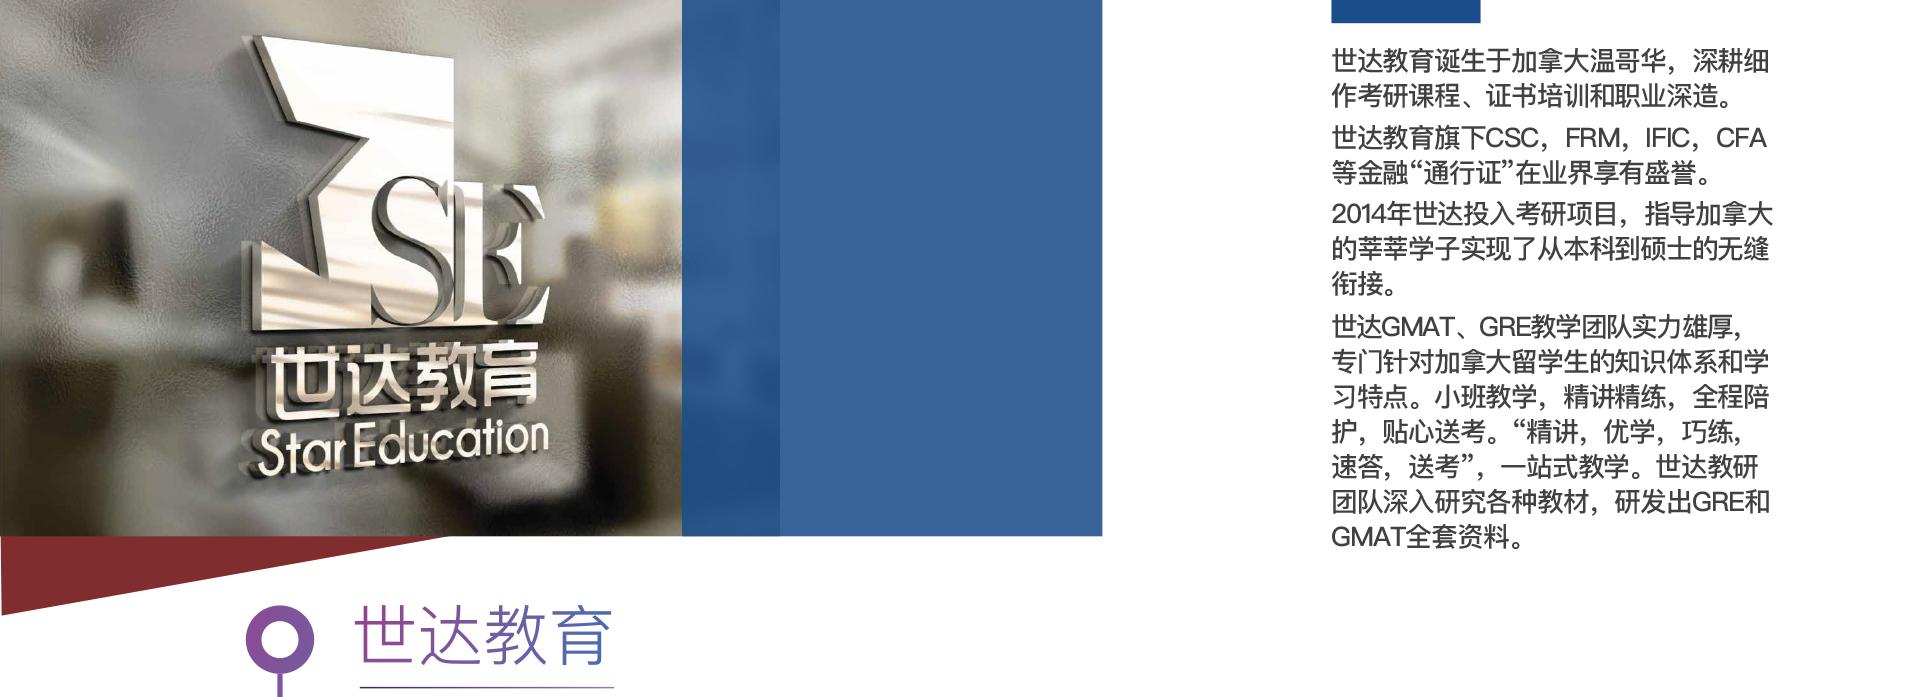 """世达教育诞生于加拿大温哥华,深耕细作考研课程、证书培训和职业深造。 世达教育旗下CSC,FRM,IFIC,CFA等金融""""通行证""""在业界享有盛誉。 2014年世达投入考研项目,指导加拿大的莘莘学子实现了从本科到硕士的无缝衔接。 世达GMAT、GRE教学团队实力雄厚,专门针对加拿大留学生的知识体系和学习特点。小班教学,精讲精练,全程陪护,贴心送考。""""精讲,优学,巧练,速答,送考"""",一站式教学。世达教研团队深入研究各种教材,研发出GRE和GMAT全套资料。"""